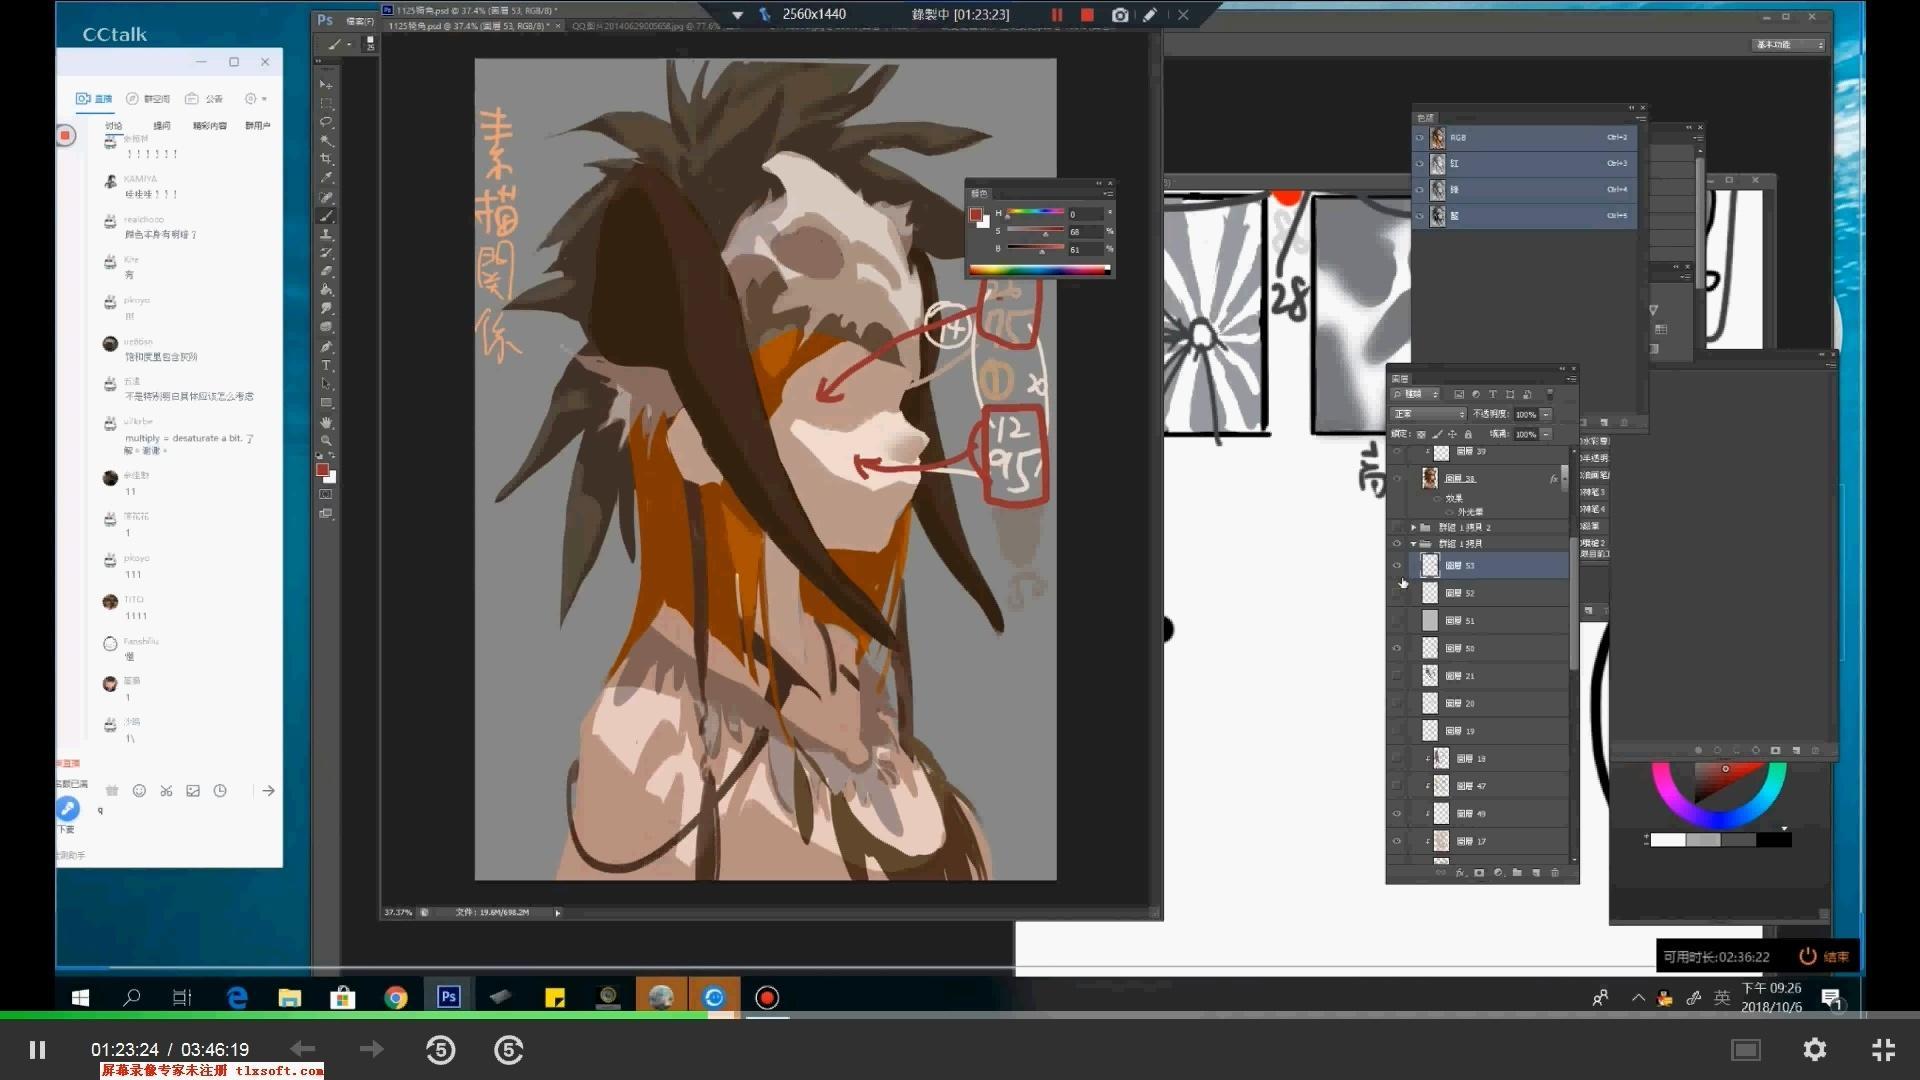 原画绘画教程-Krenz K大原画绘画色彩视频课程 8课 25GB(3)